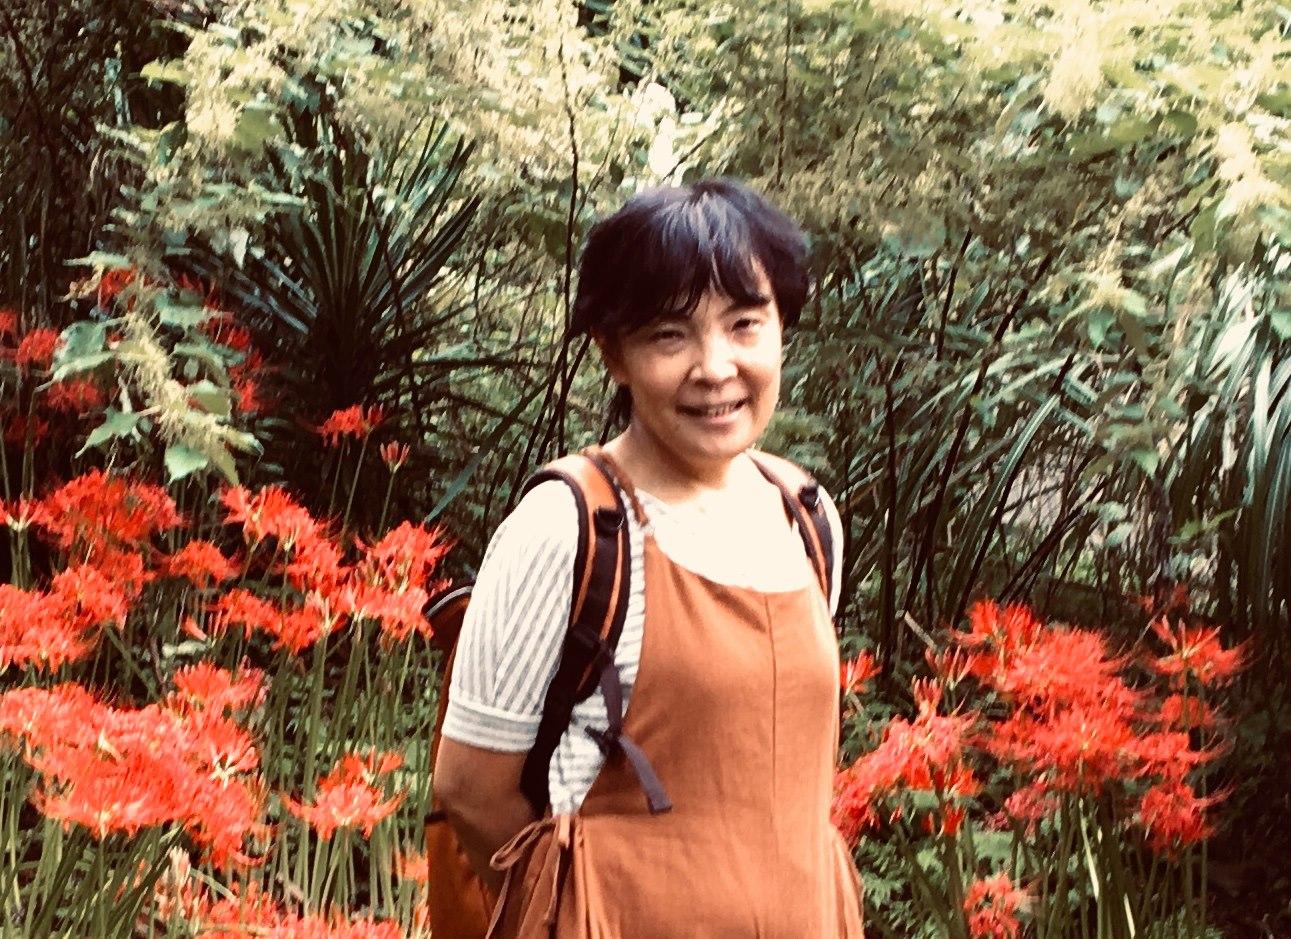 Tomoko Murai / 村井 友子